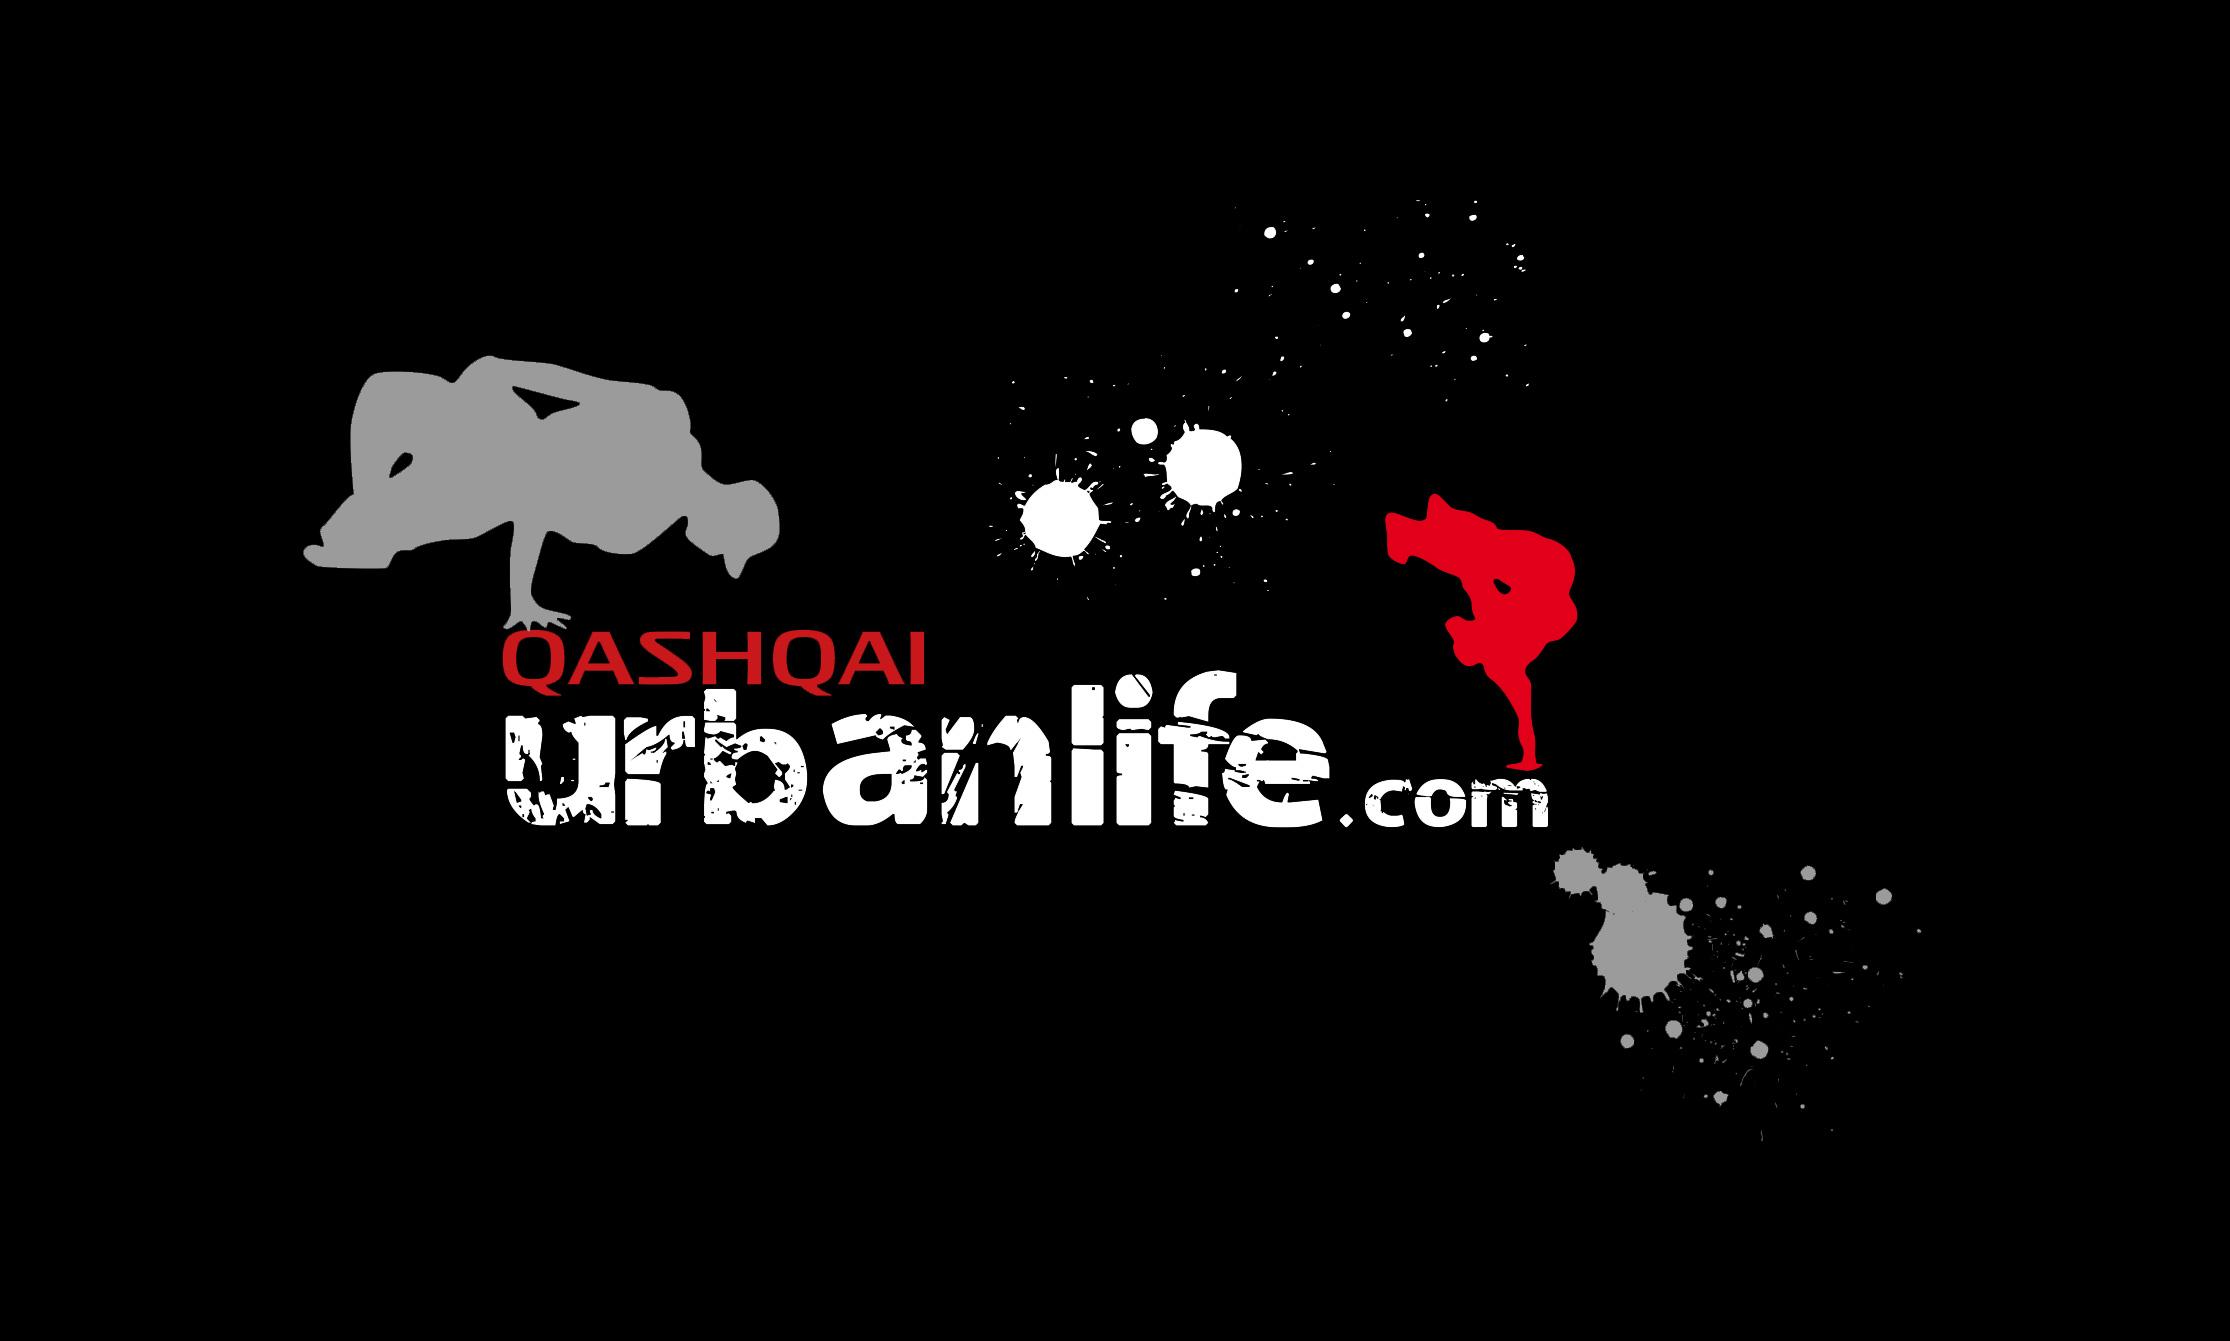 qashqai_secret_show1